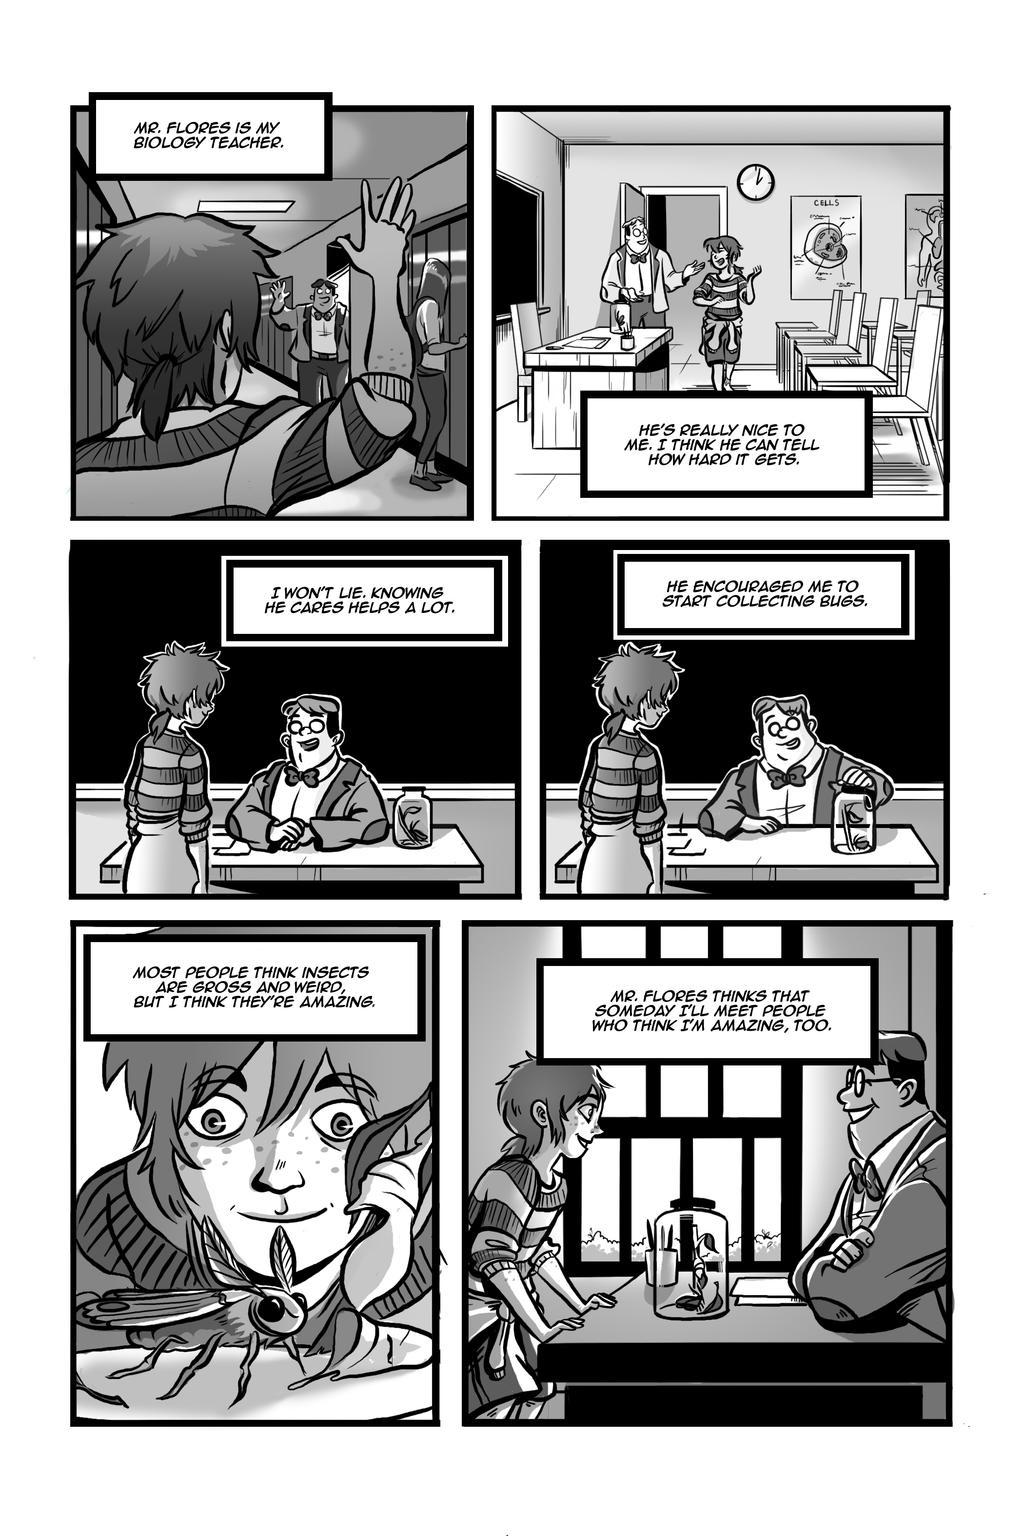 Metamorphosis Page 3 by DoodleBuggy